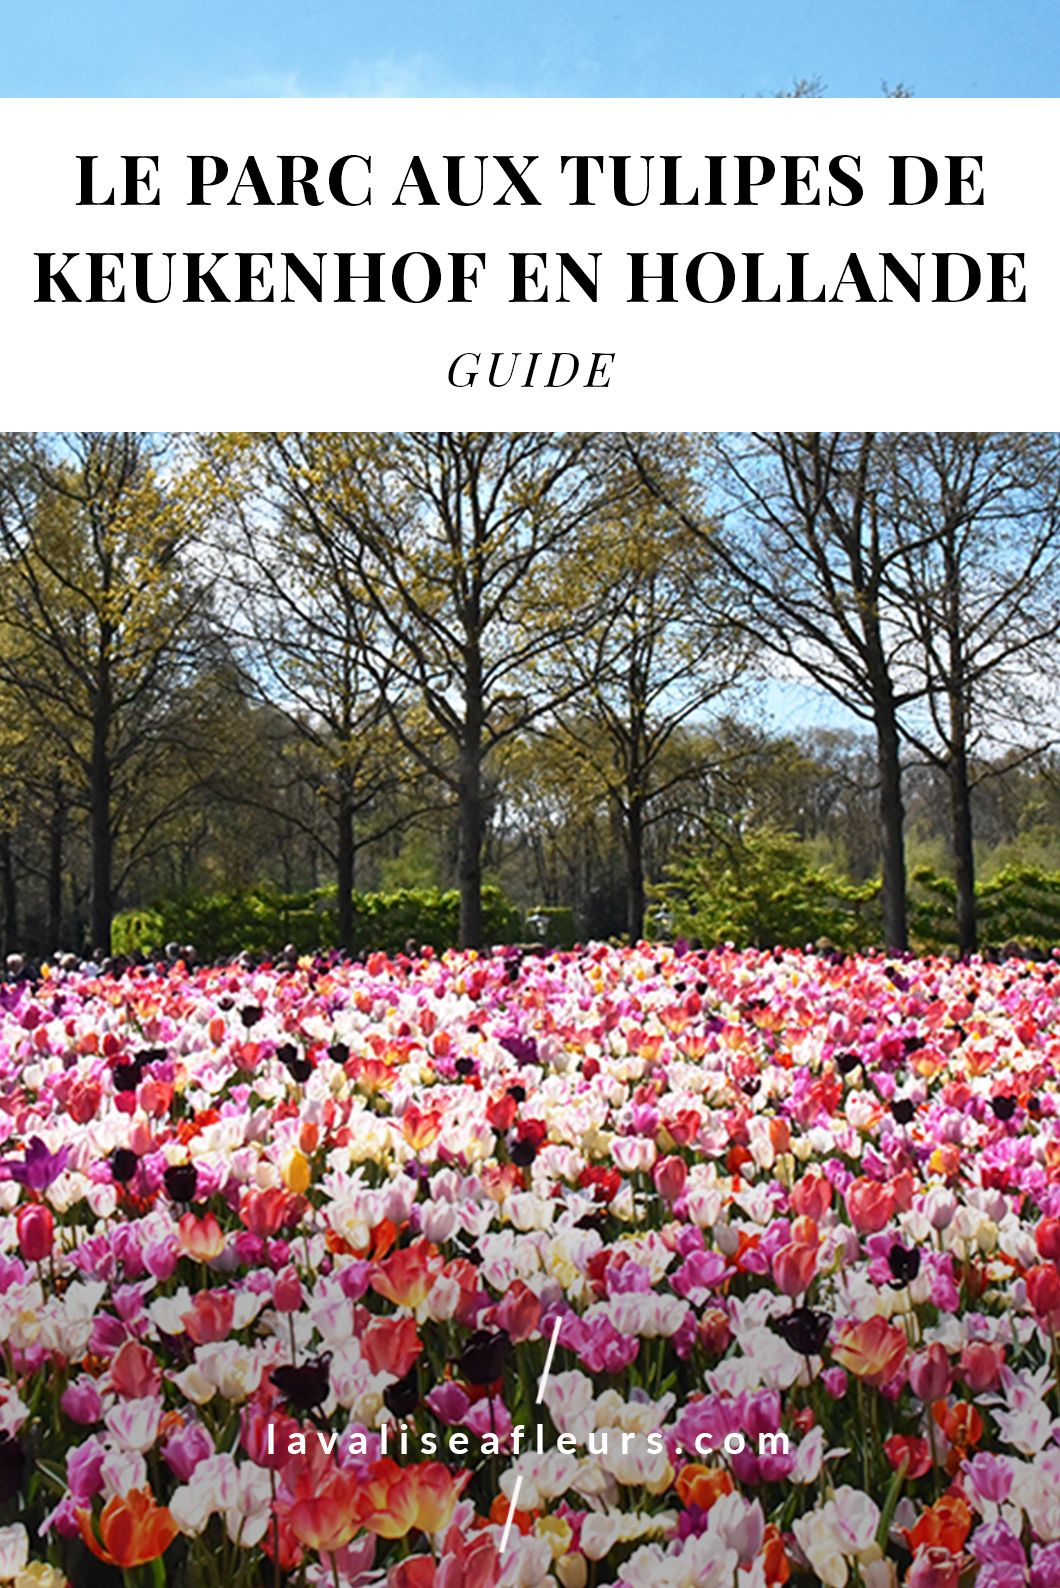 Le parc aux tulipes de Keukenhof en Hollande